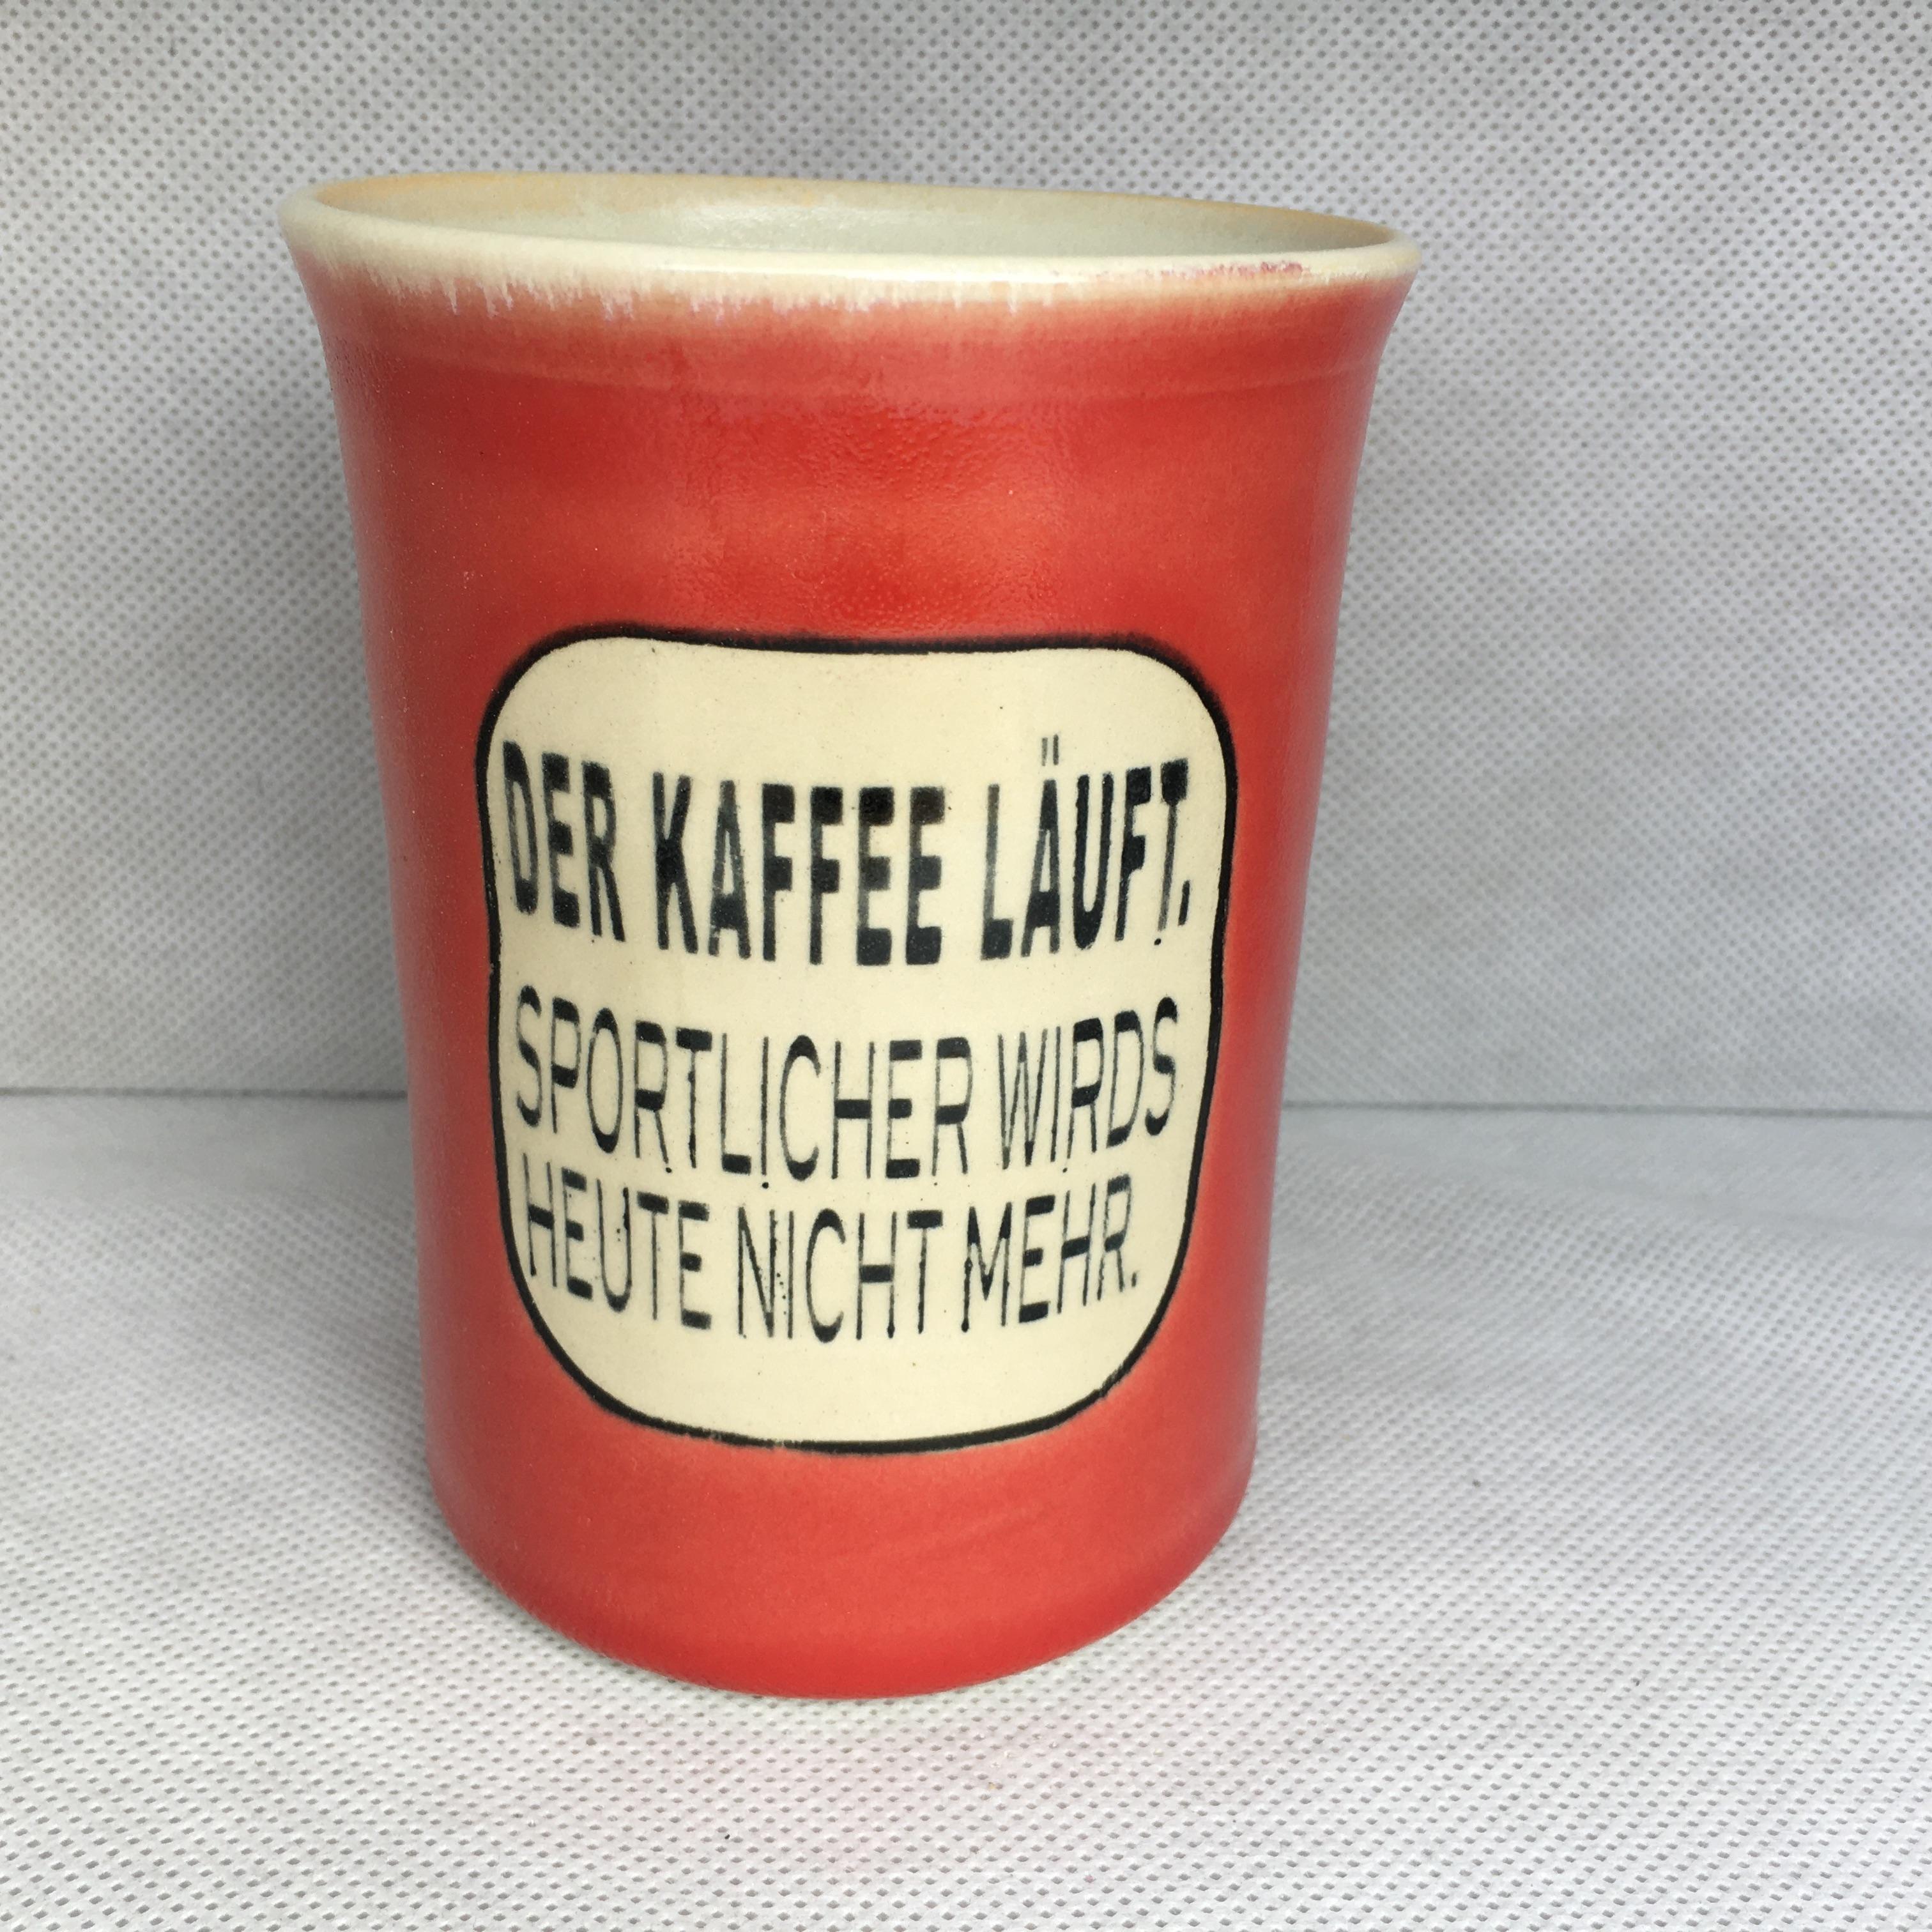 Der Kaffe läuft, sportlicher wirds heute nicht mehr